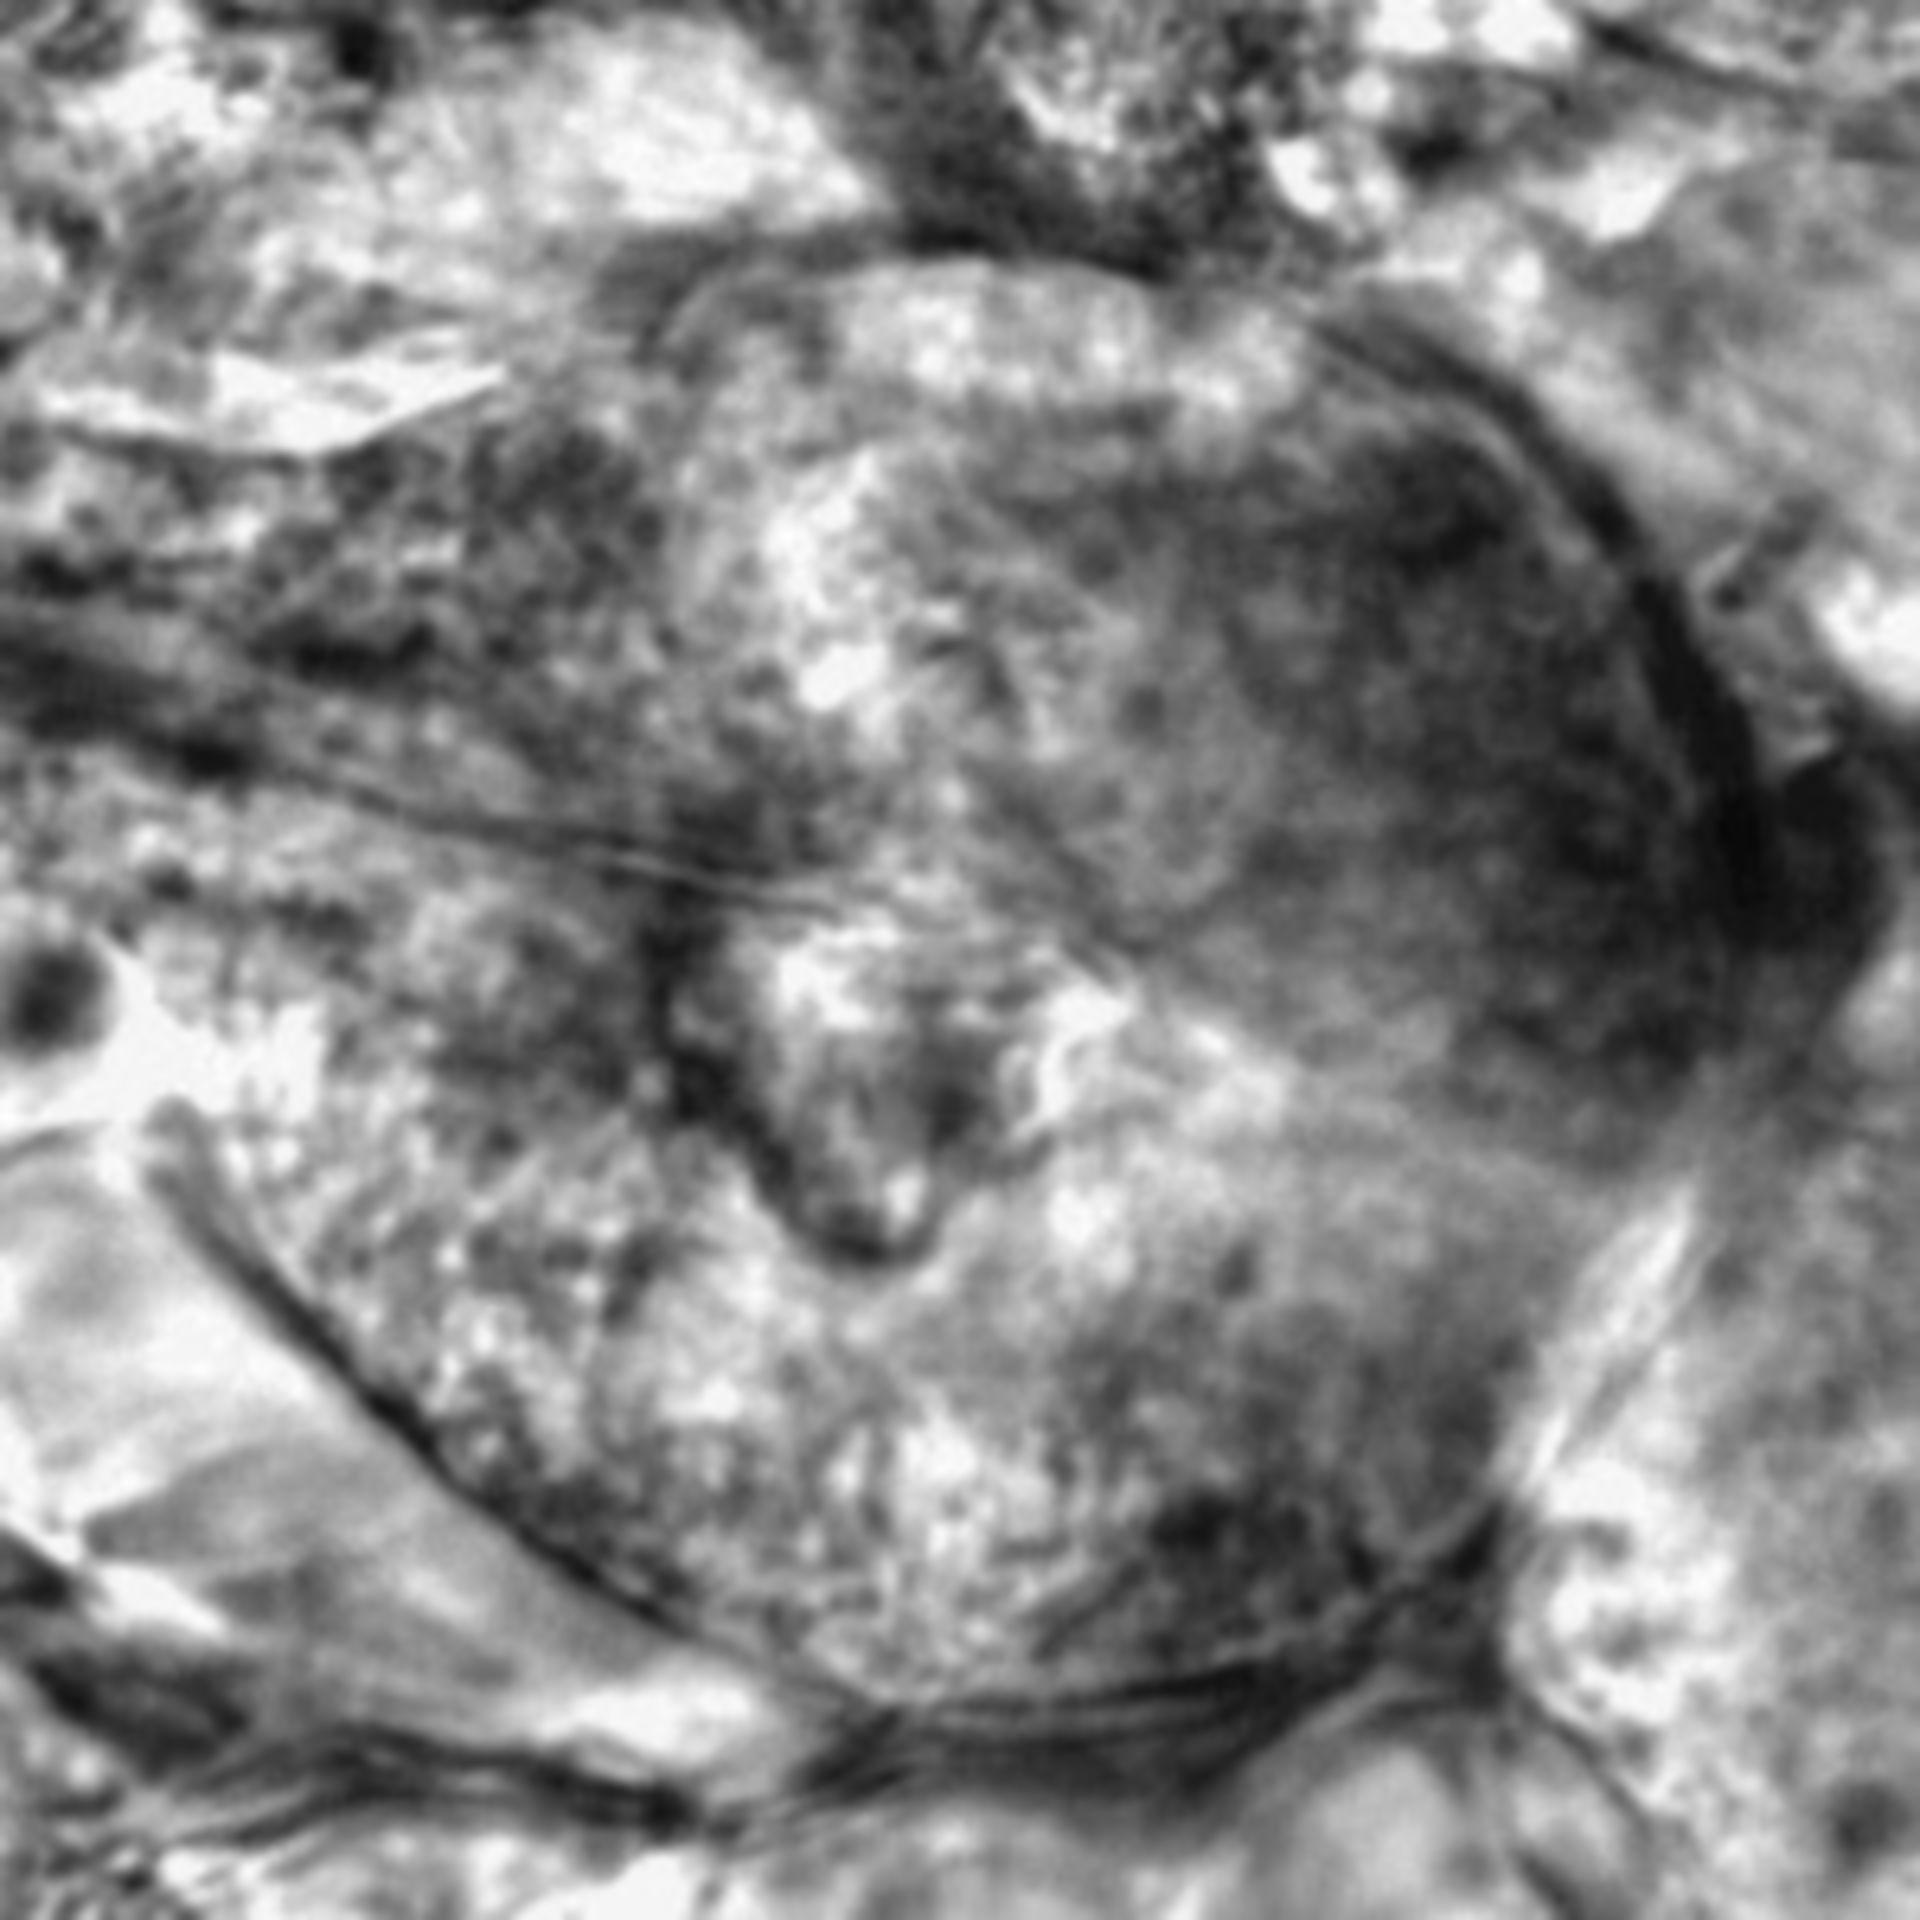 Caenorhabditis elegans - CIL:2768